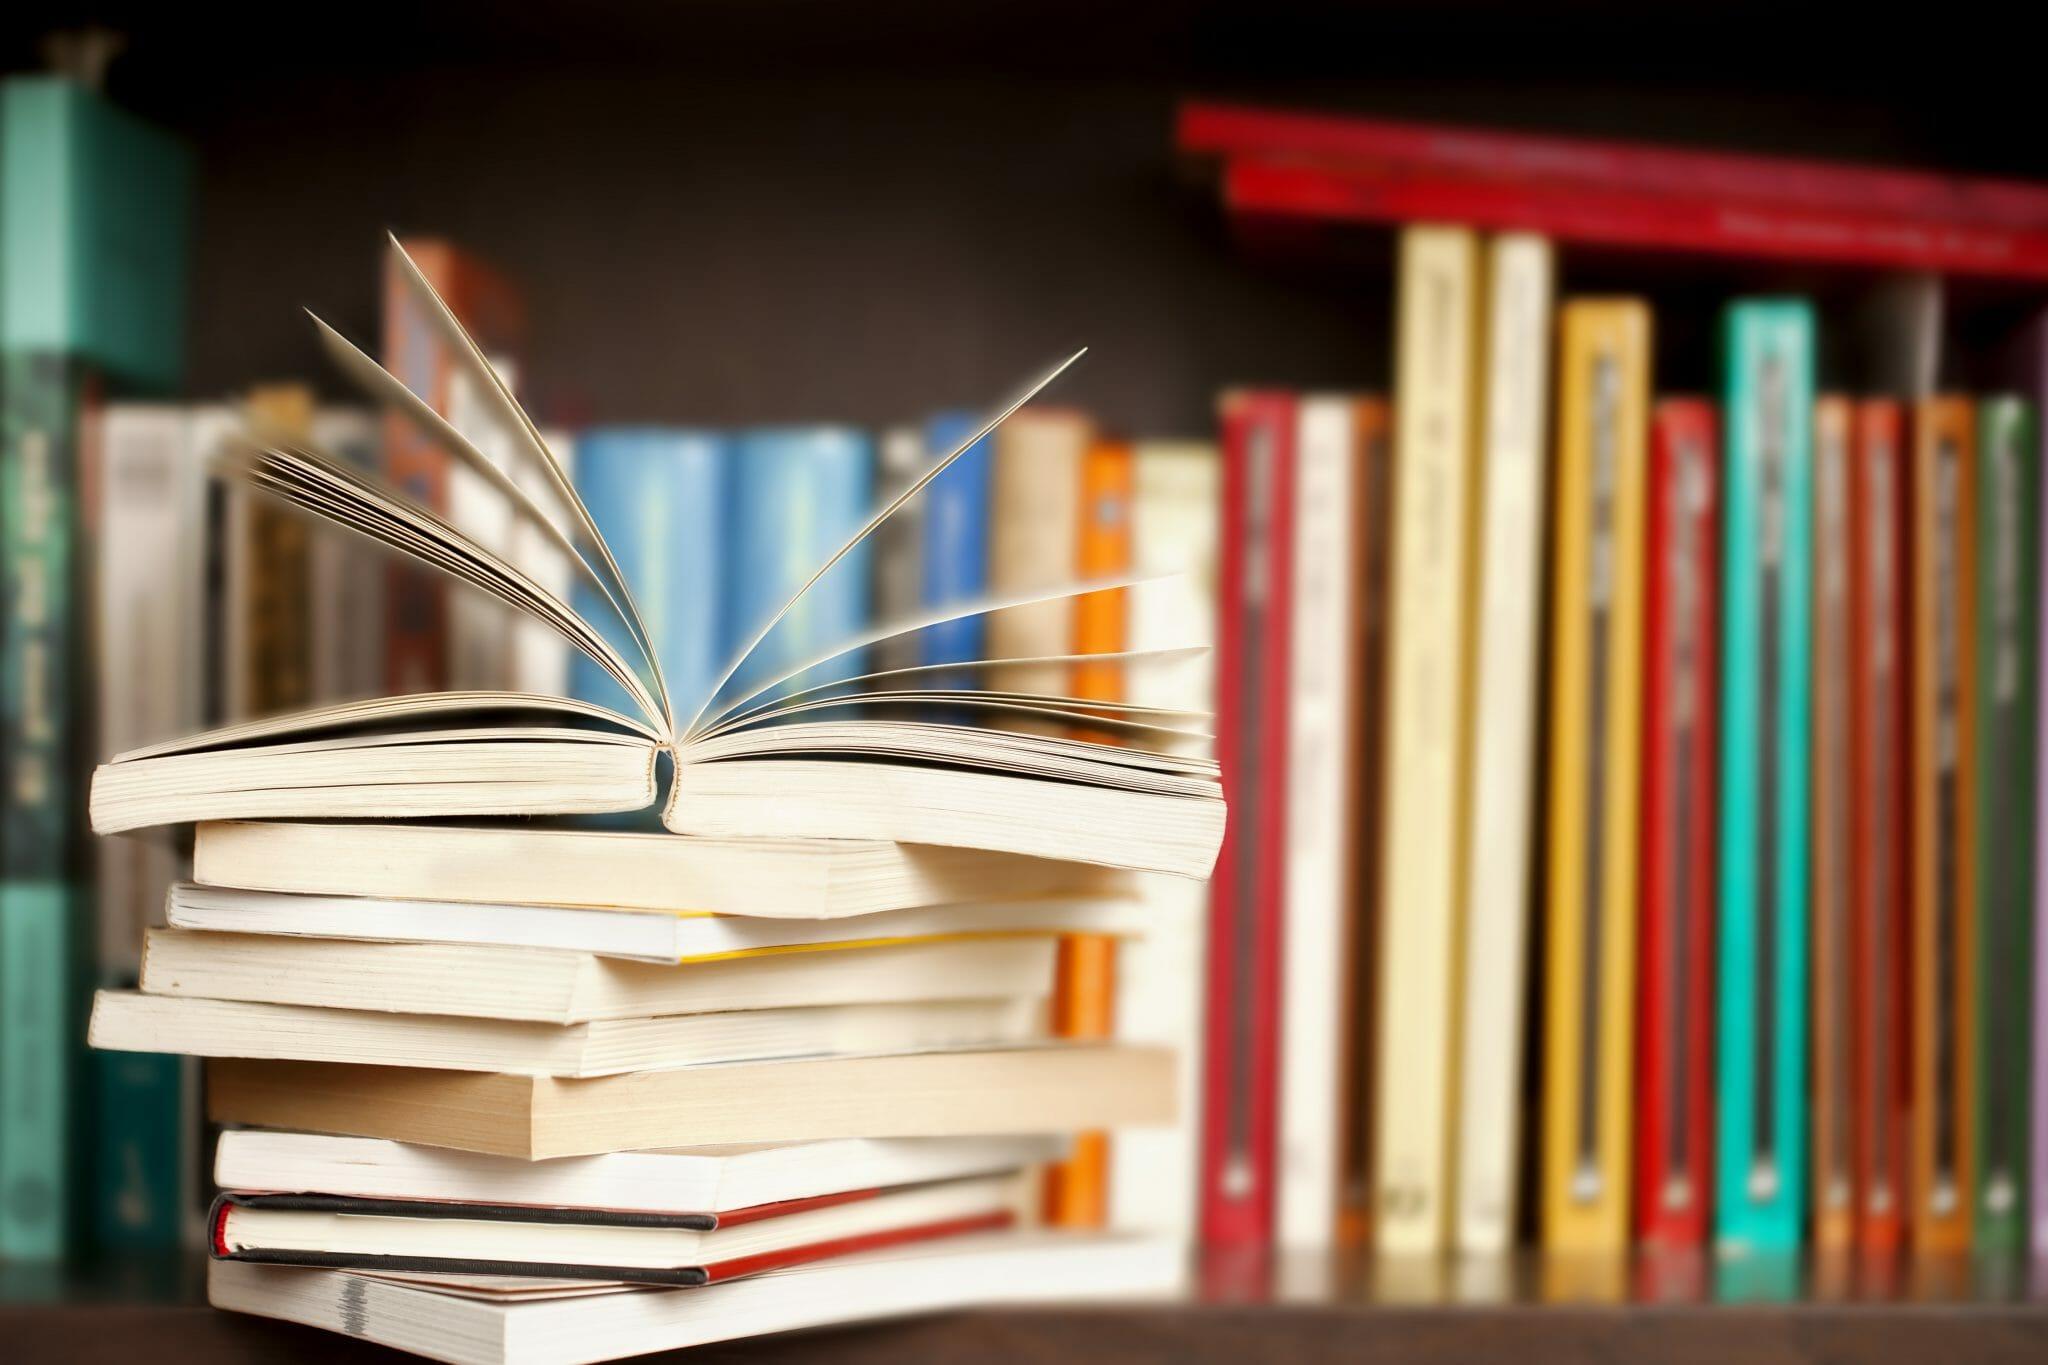 Il dissenso della letteratura davanti al miracolo economico